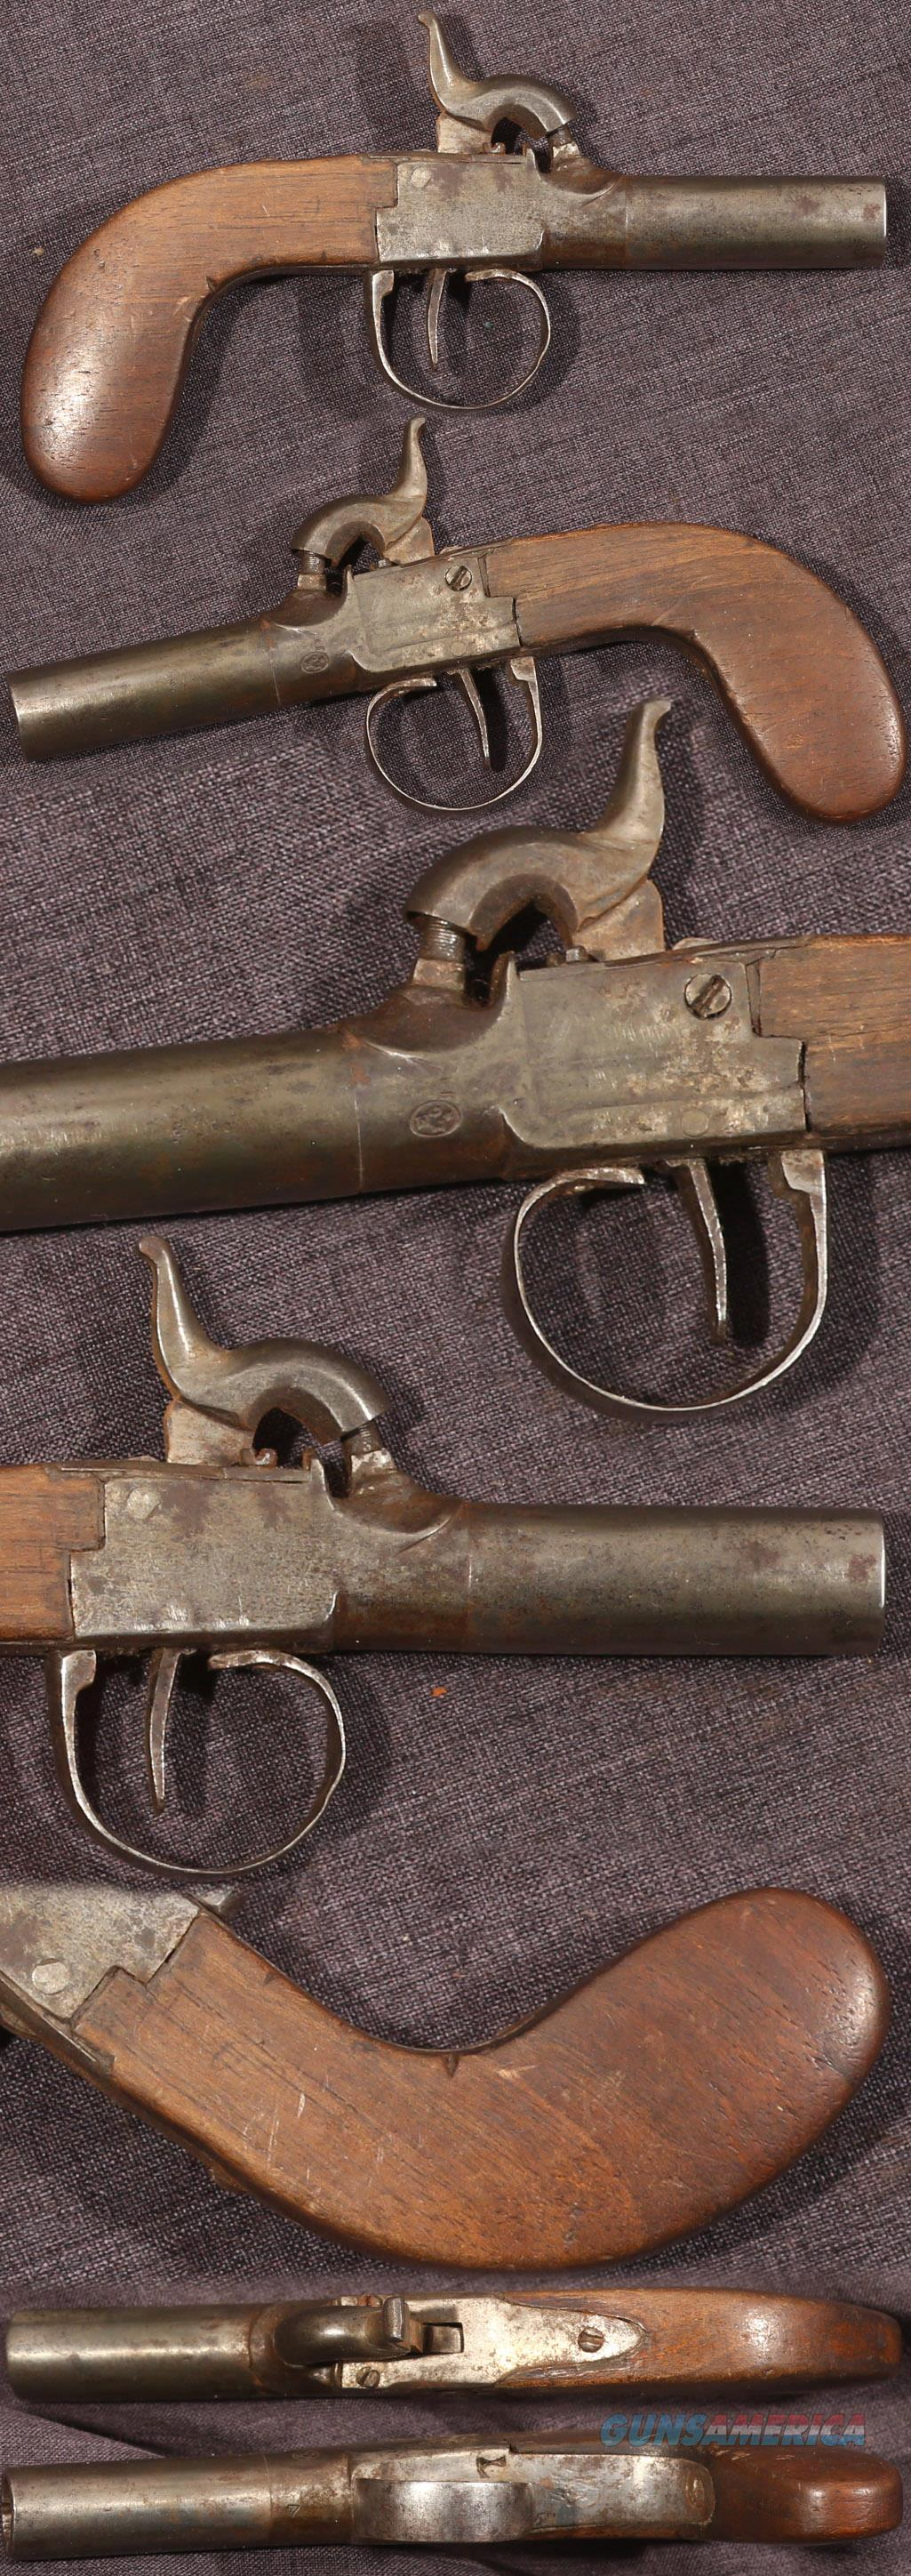 Continental percussion box lock pistol  Guns > Pistols > Muzzleloading Pre-1899 Pistols (perc)